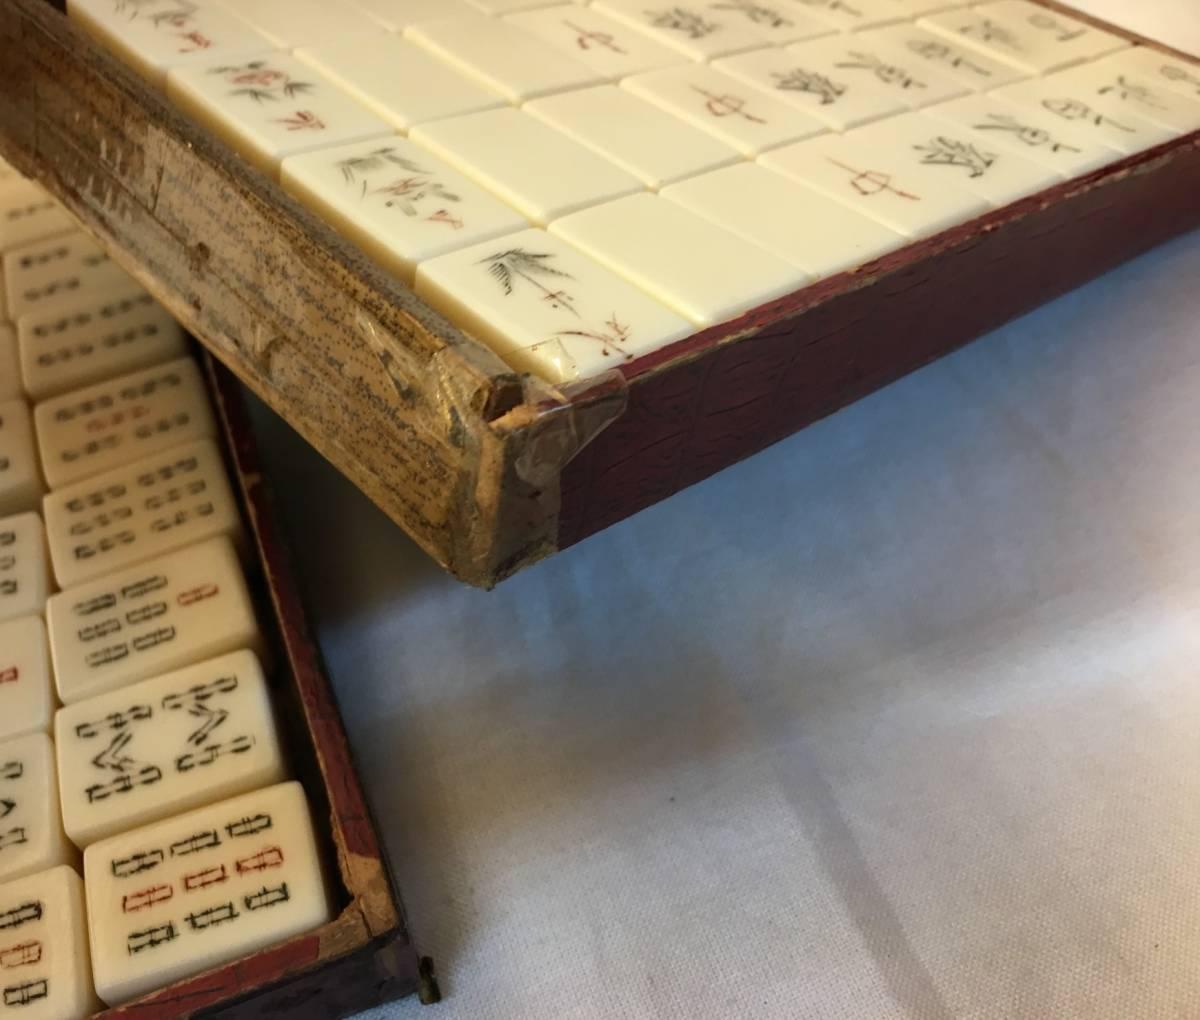 麻雀セット 麻雀牌 通常牌 サイコロ 賽子 点棒 マージャン 持ち運び 携帯 19071001_中箱の壊れ